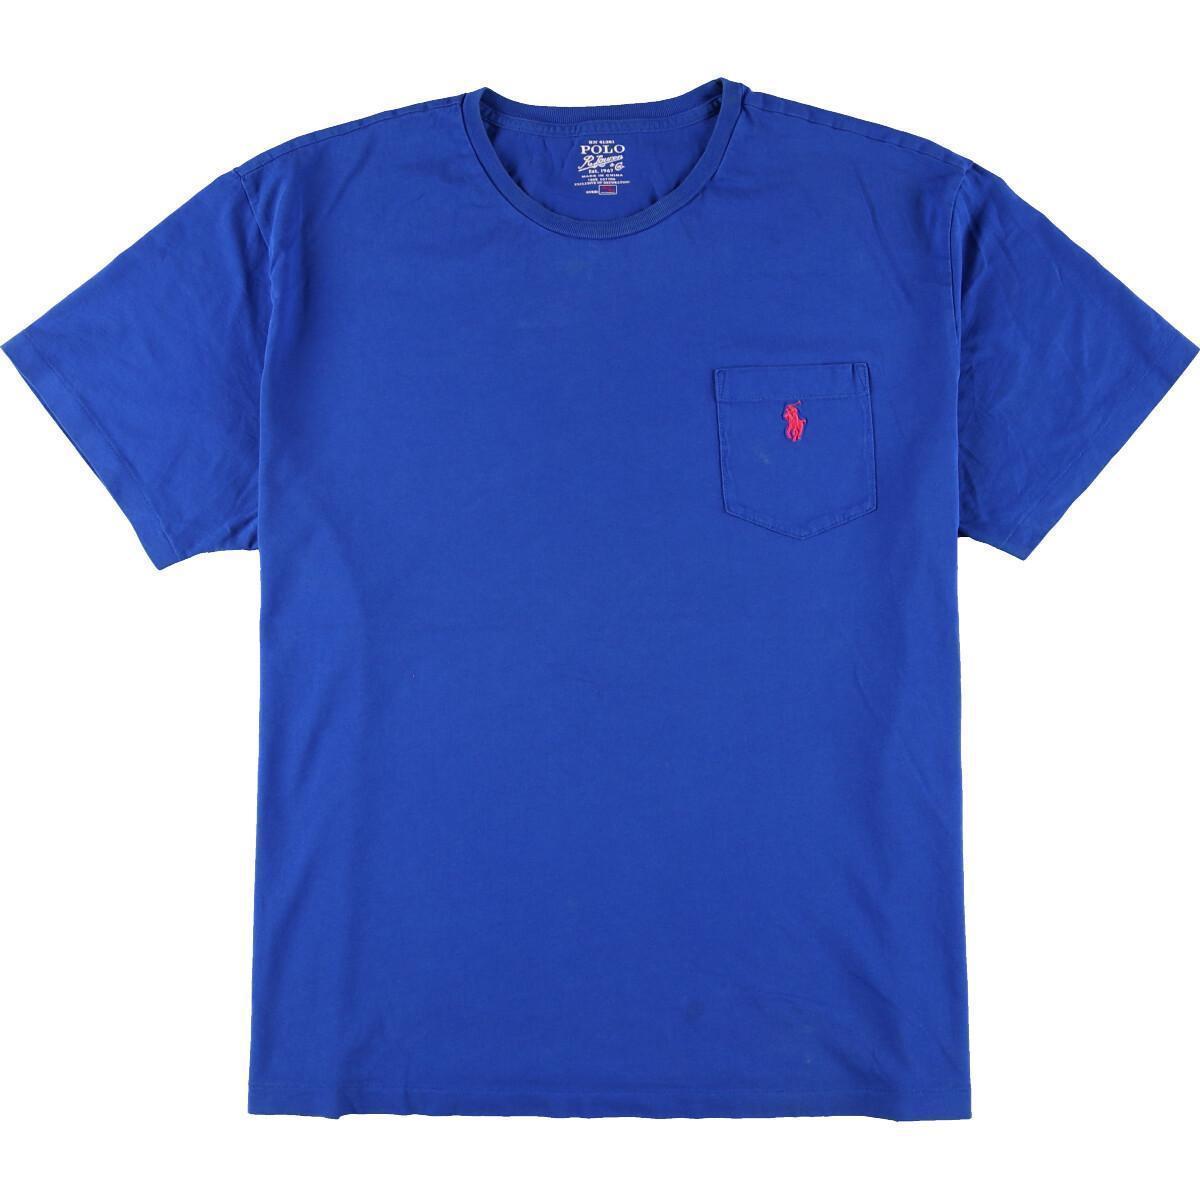 ラルフローレン Ralph Lauren POLO RALPH LAUREN 半袖 ワンポイントロゴポケットTシャツ メンズXL /eaa161572_画像1